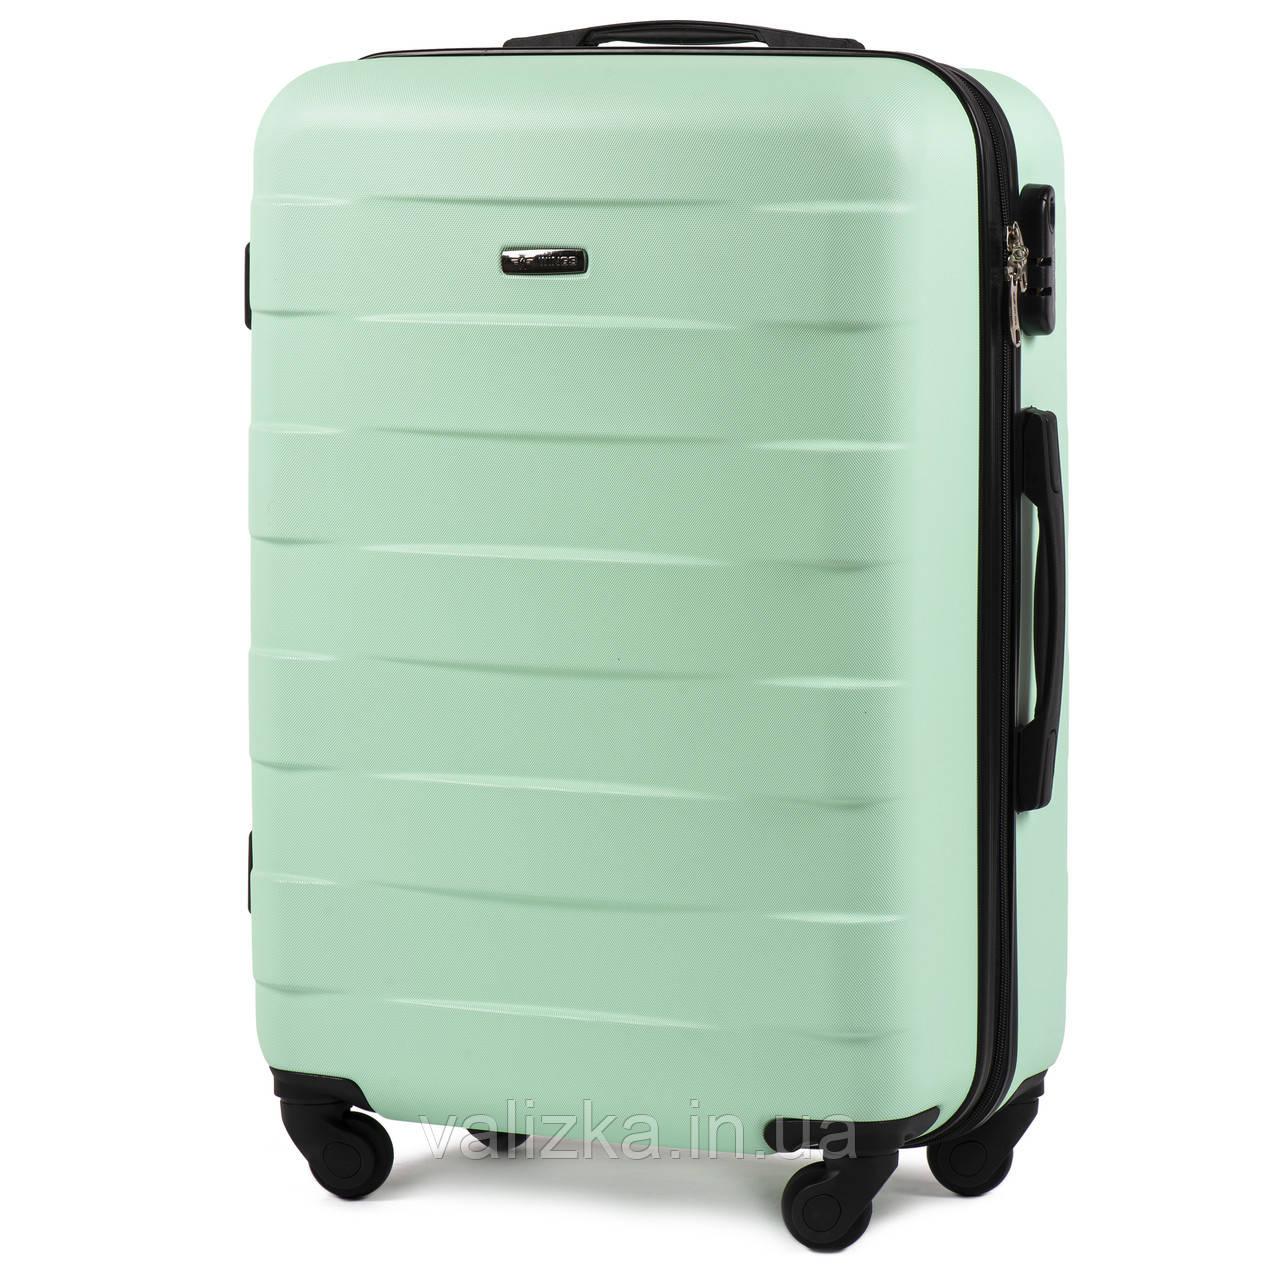 Пластиковый чемодан Wings 401 средний 4- колесный мятный